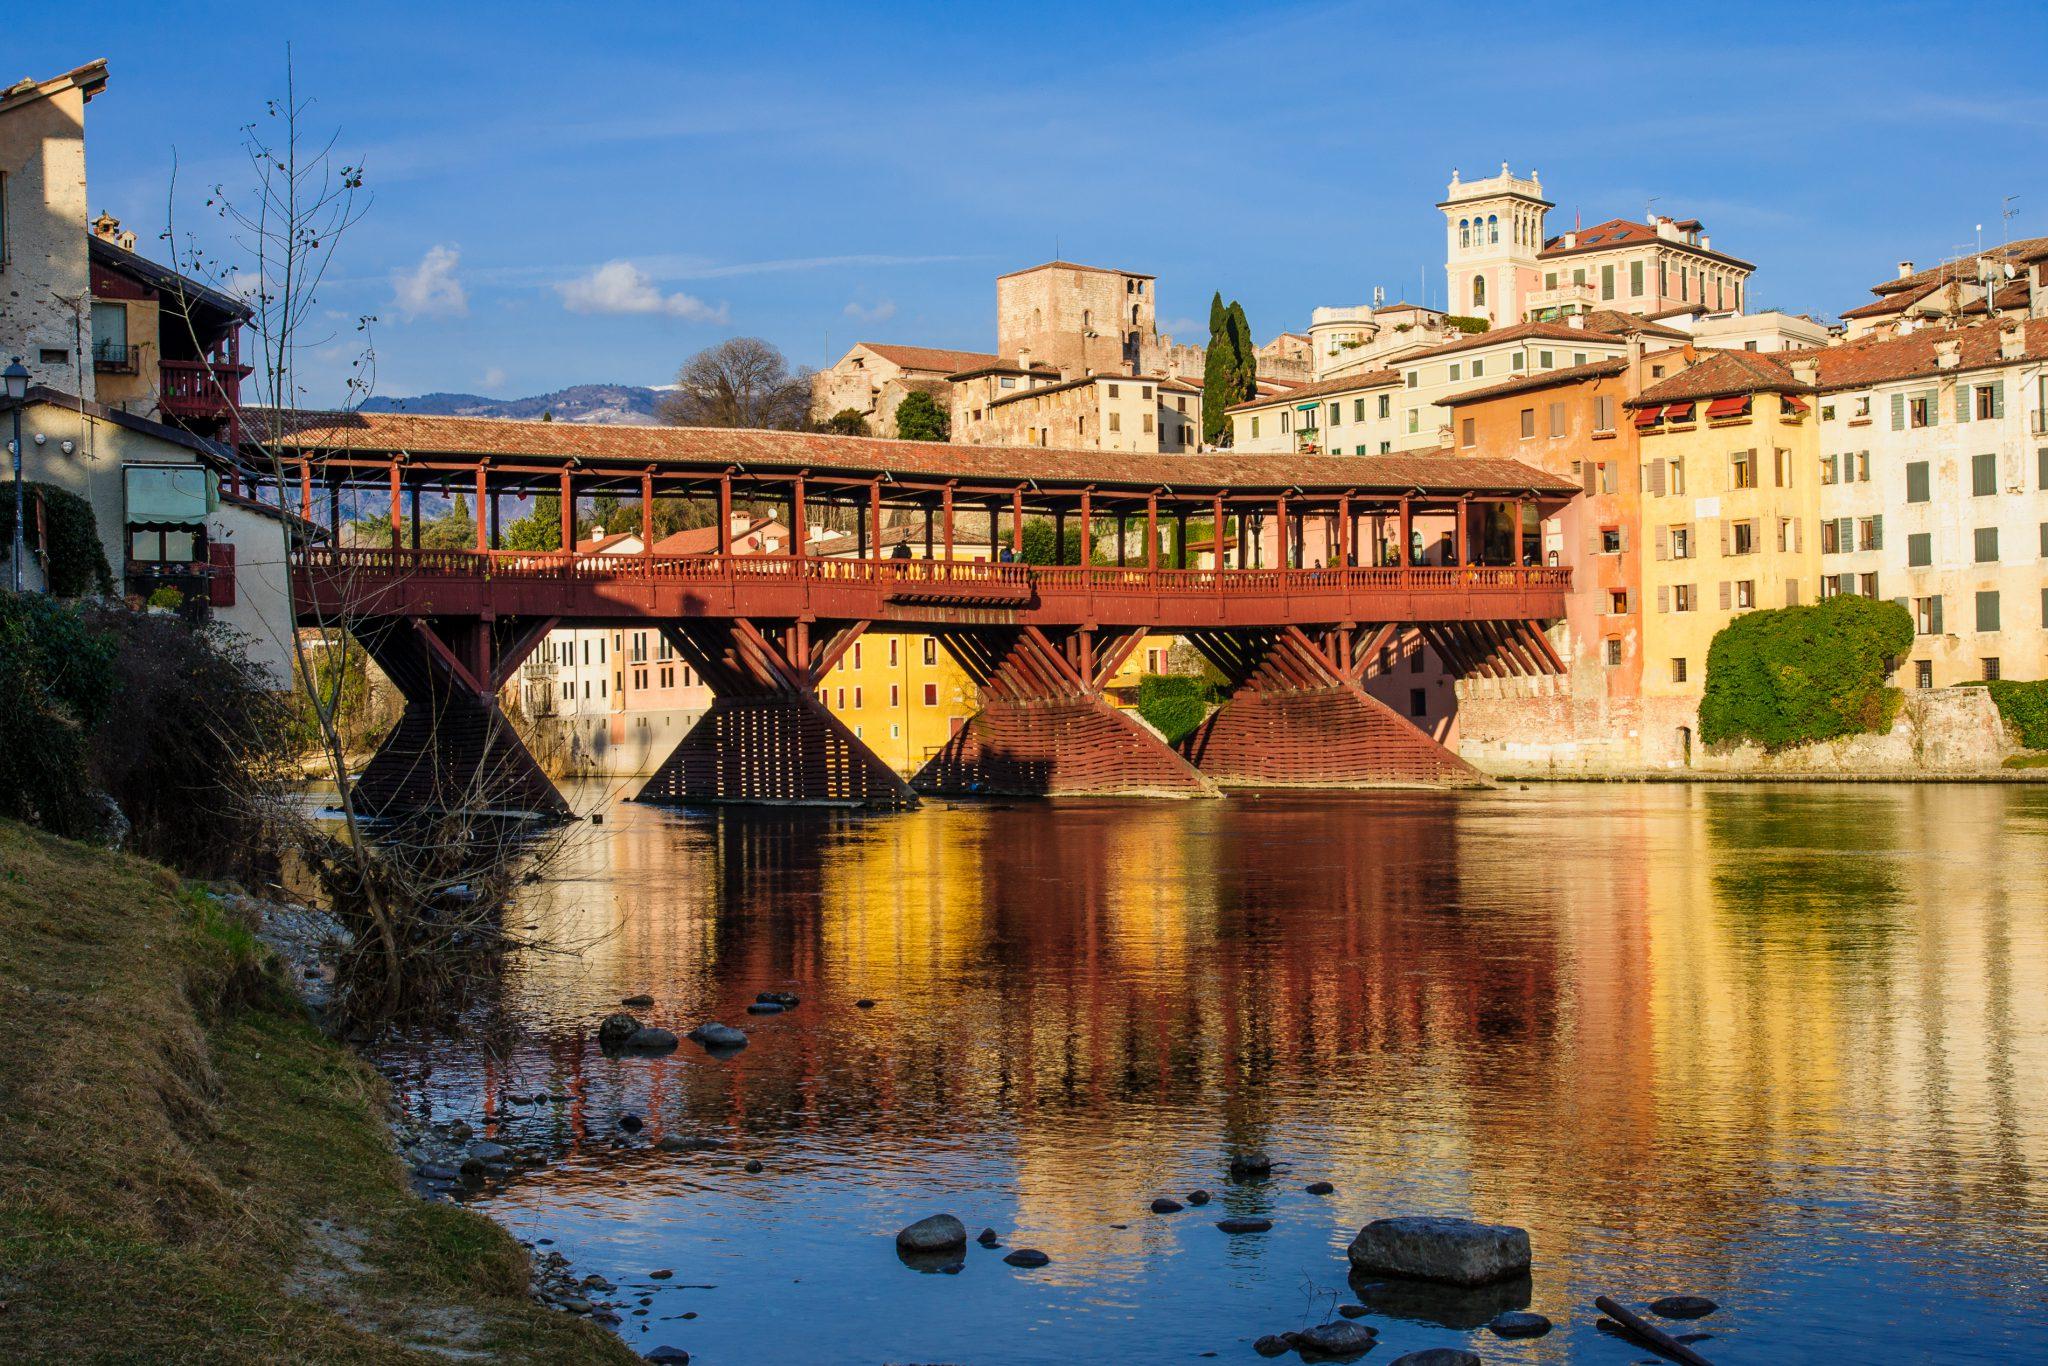 Architetto Bassano Del Grappa il ponte di bassano: un gioiello di architettura lignea